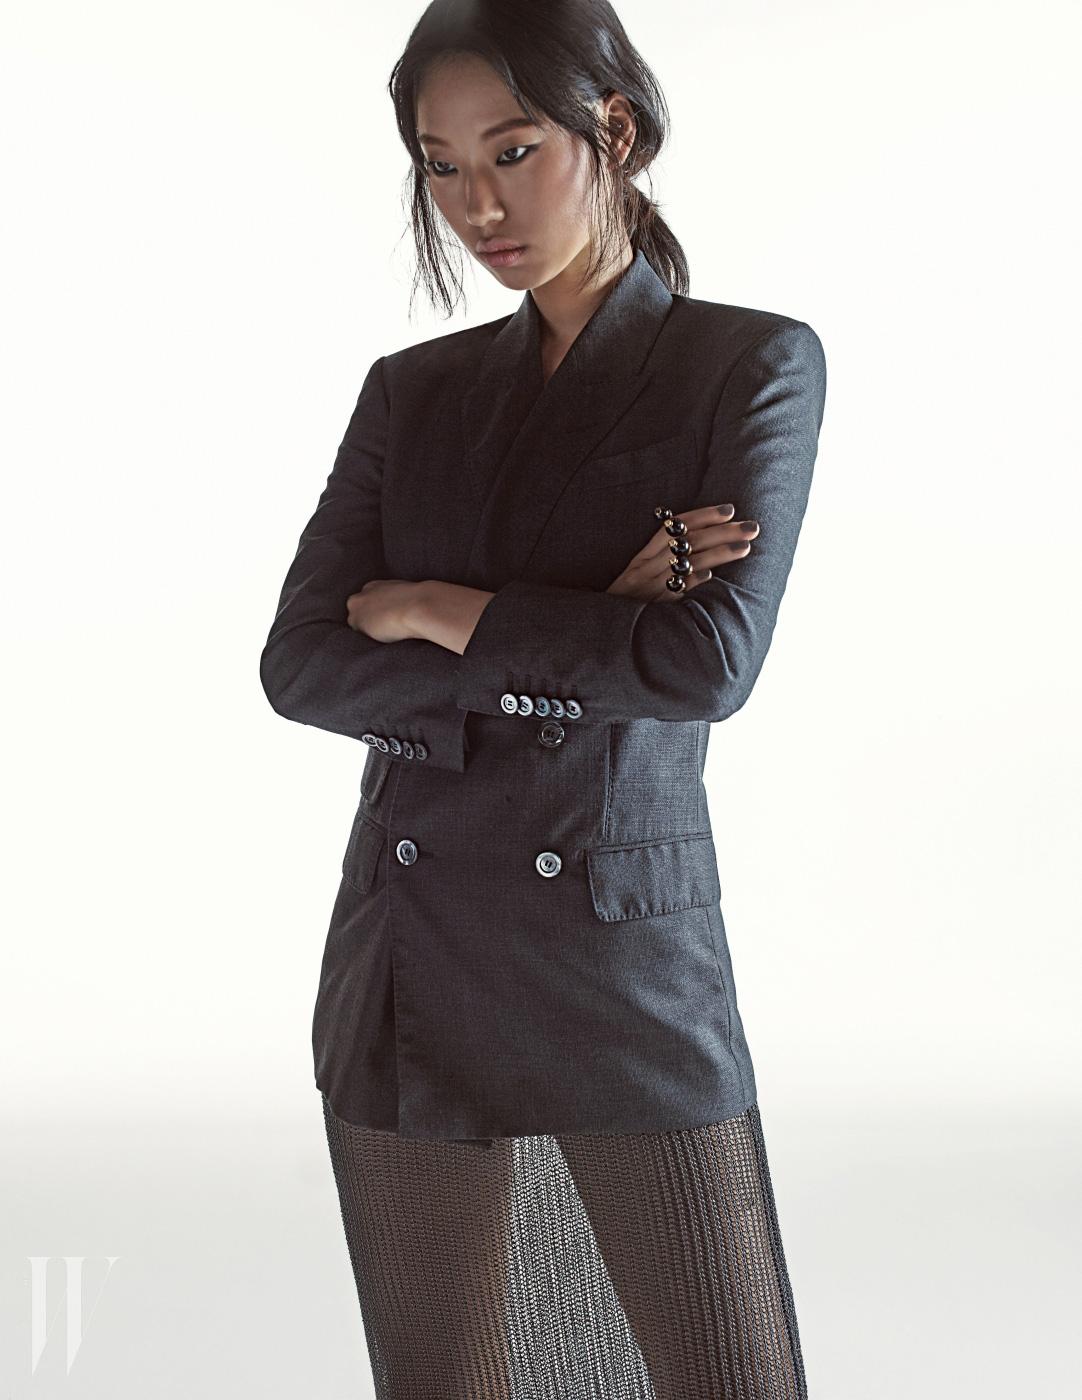 회색 재킷은 2백65만원, 진주 반지는 74만5천원 구찌 제품. 속이 비치는 니트 스커트는 질샌더 제품. 가격 미정.